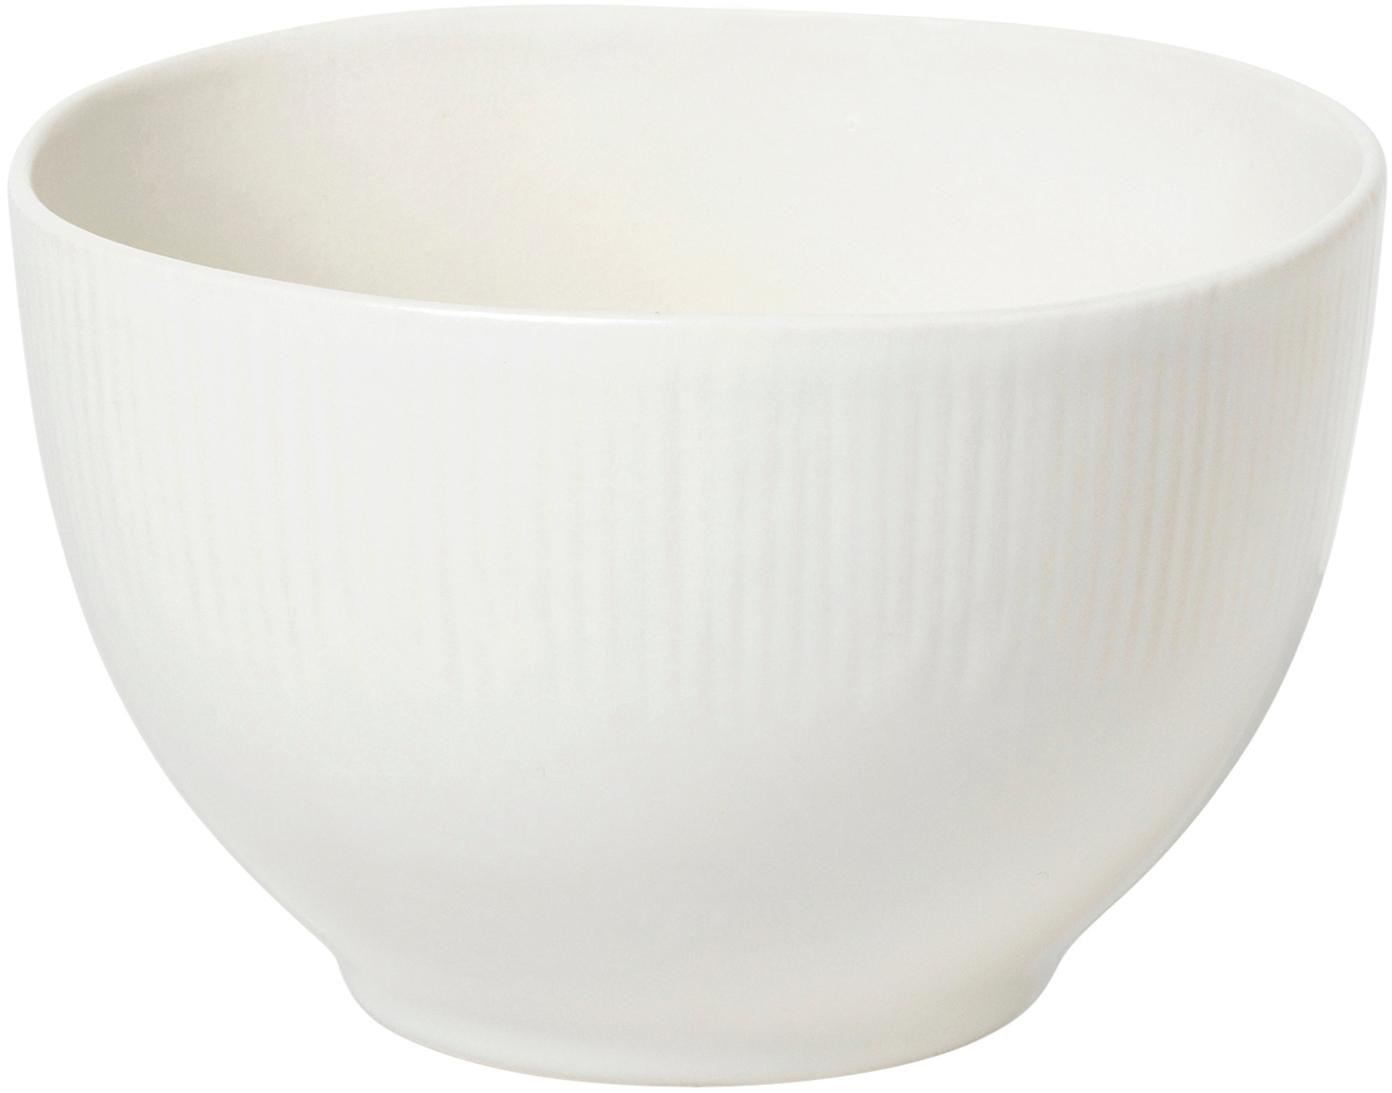 Cuencos artesanales Sandvig, 4uds., Porcelana, coloreada, Blanco roto, Ø 14 x Al 8 cm